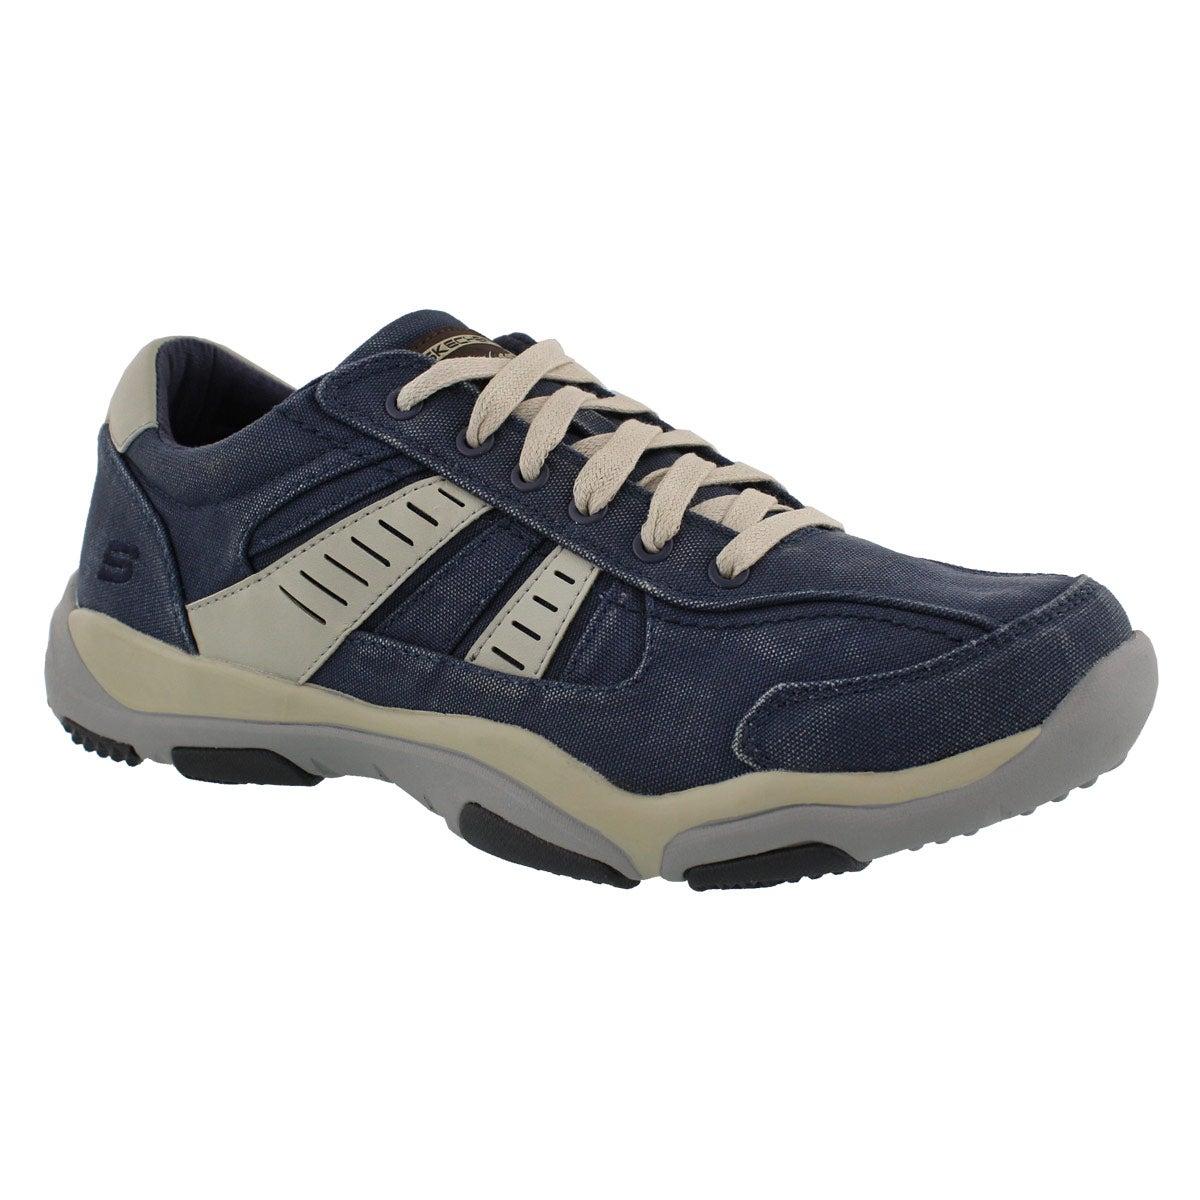 Men's LARSON MASSON navy slip on sneakers